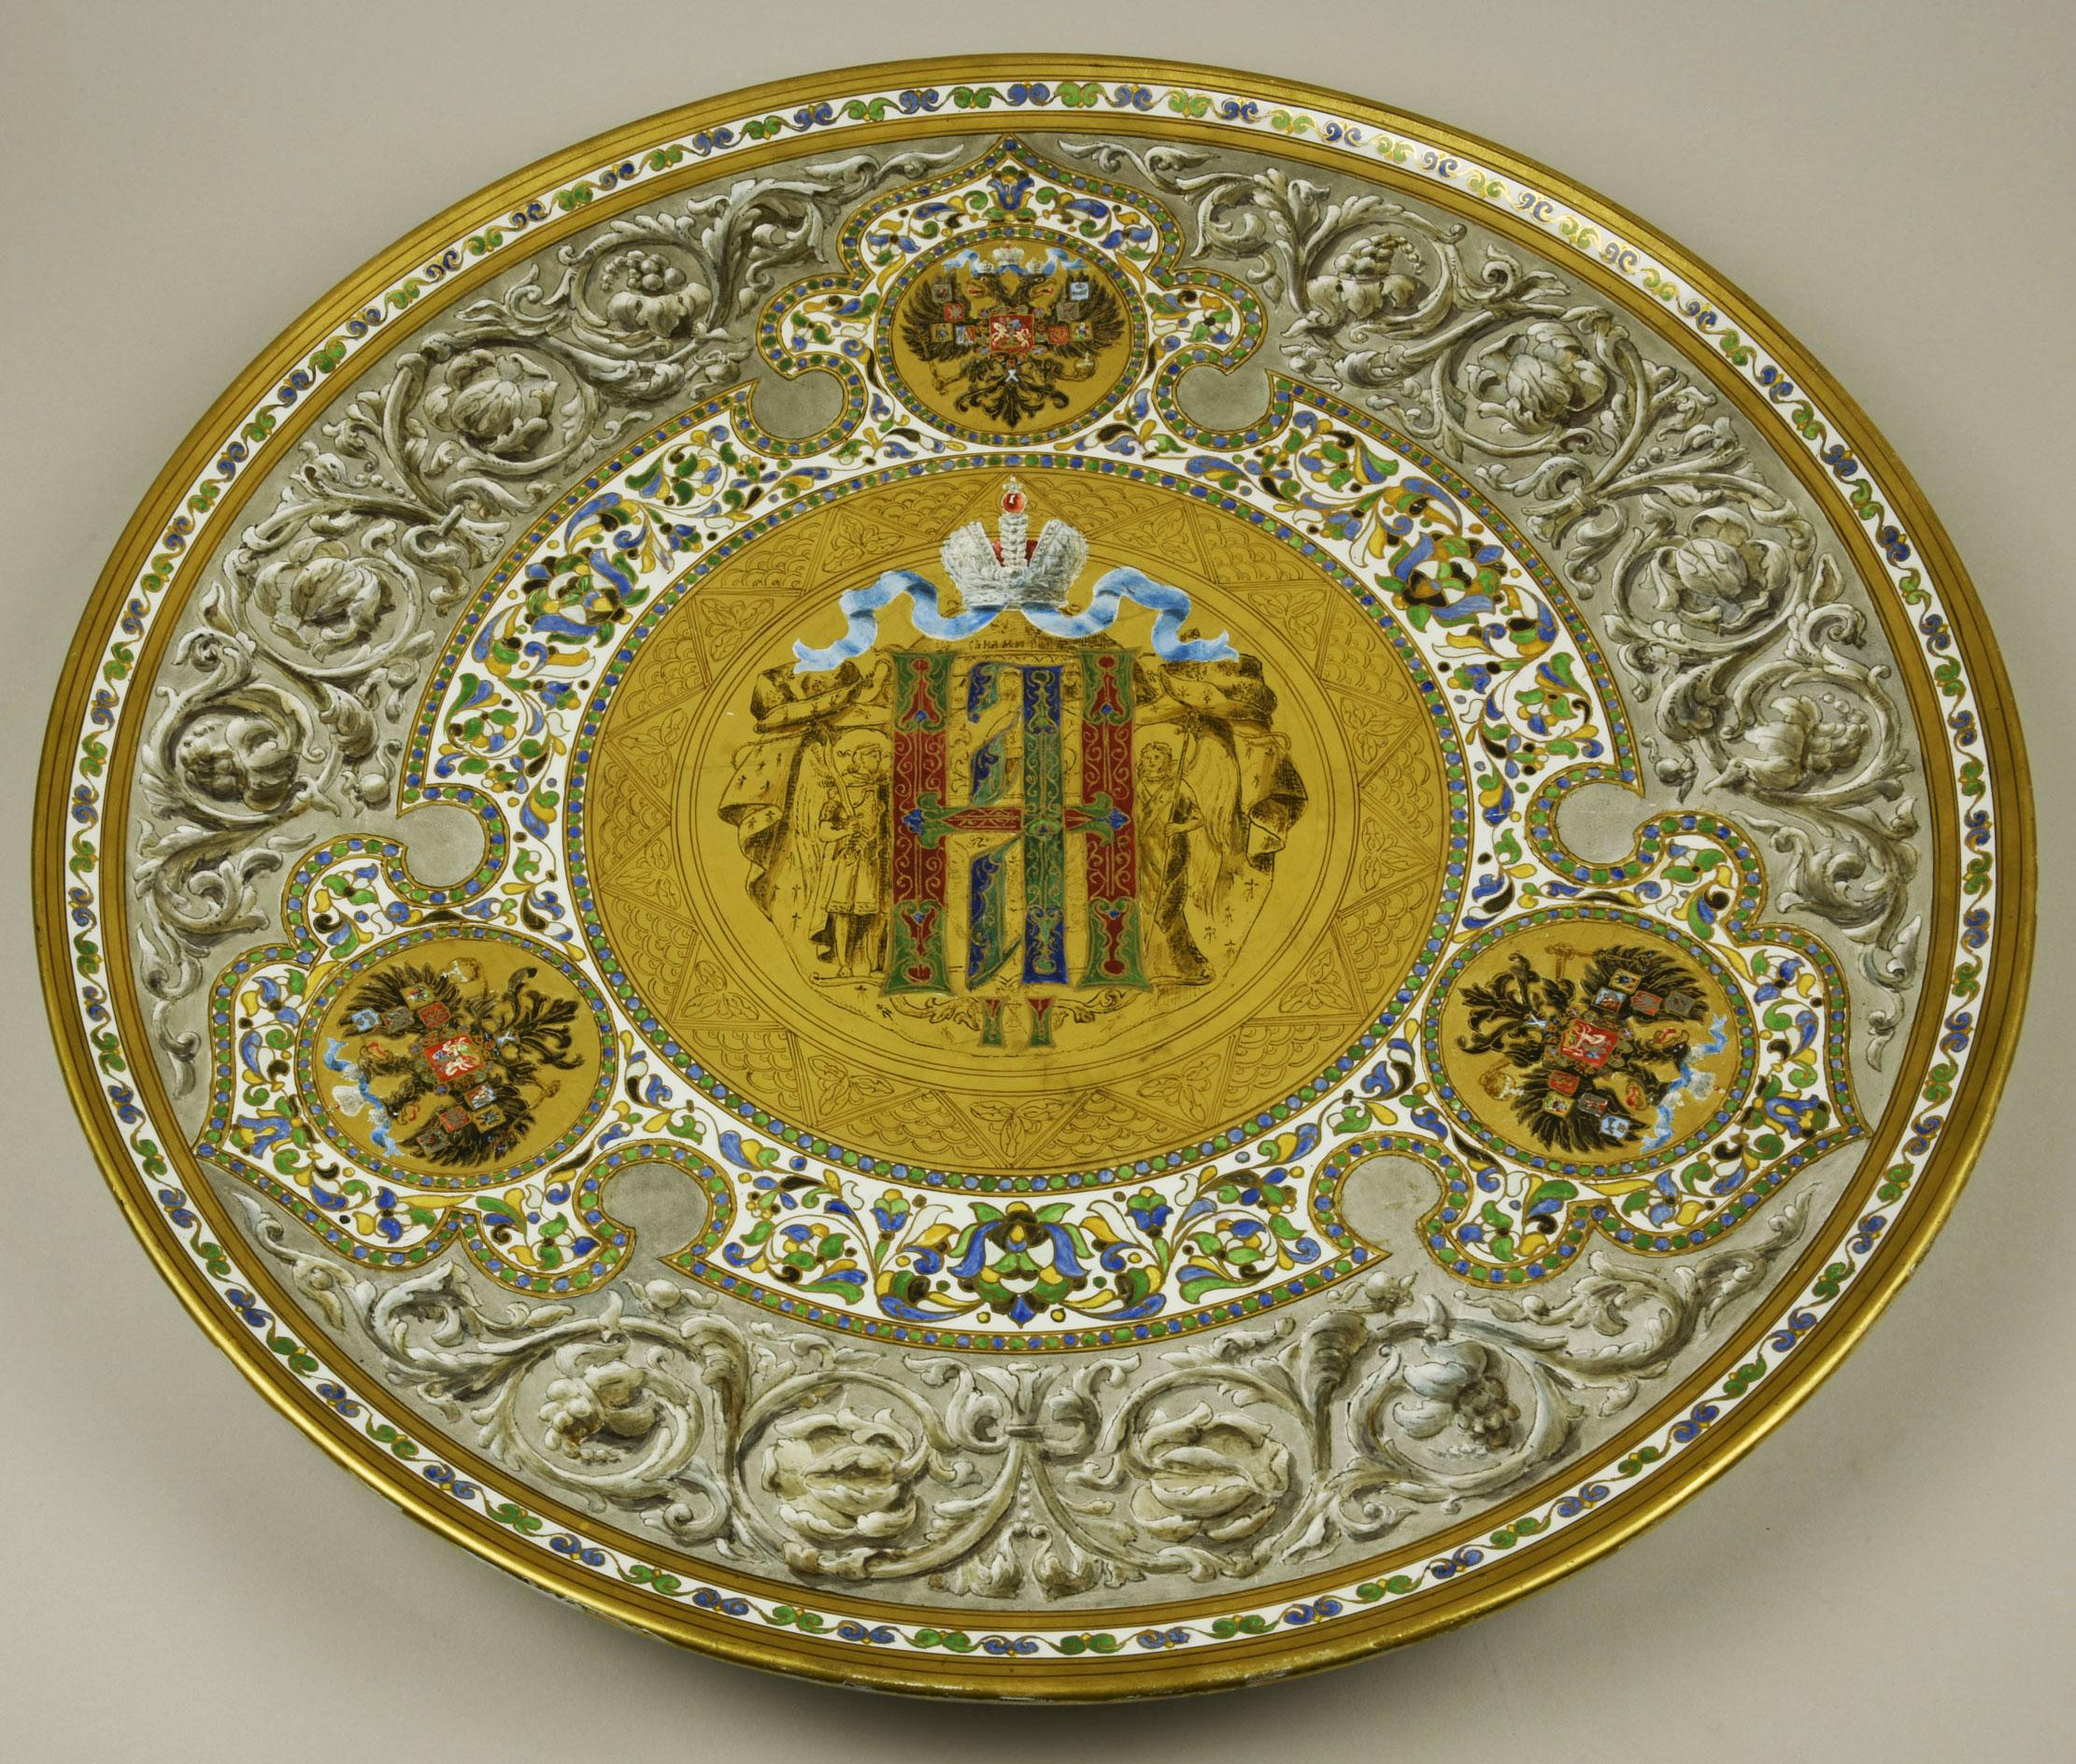 Реликвии и шедевры Исторического музея